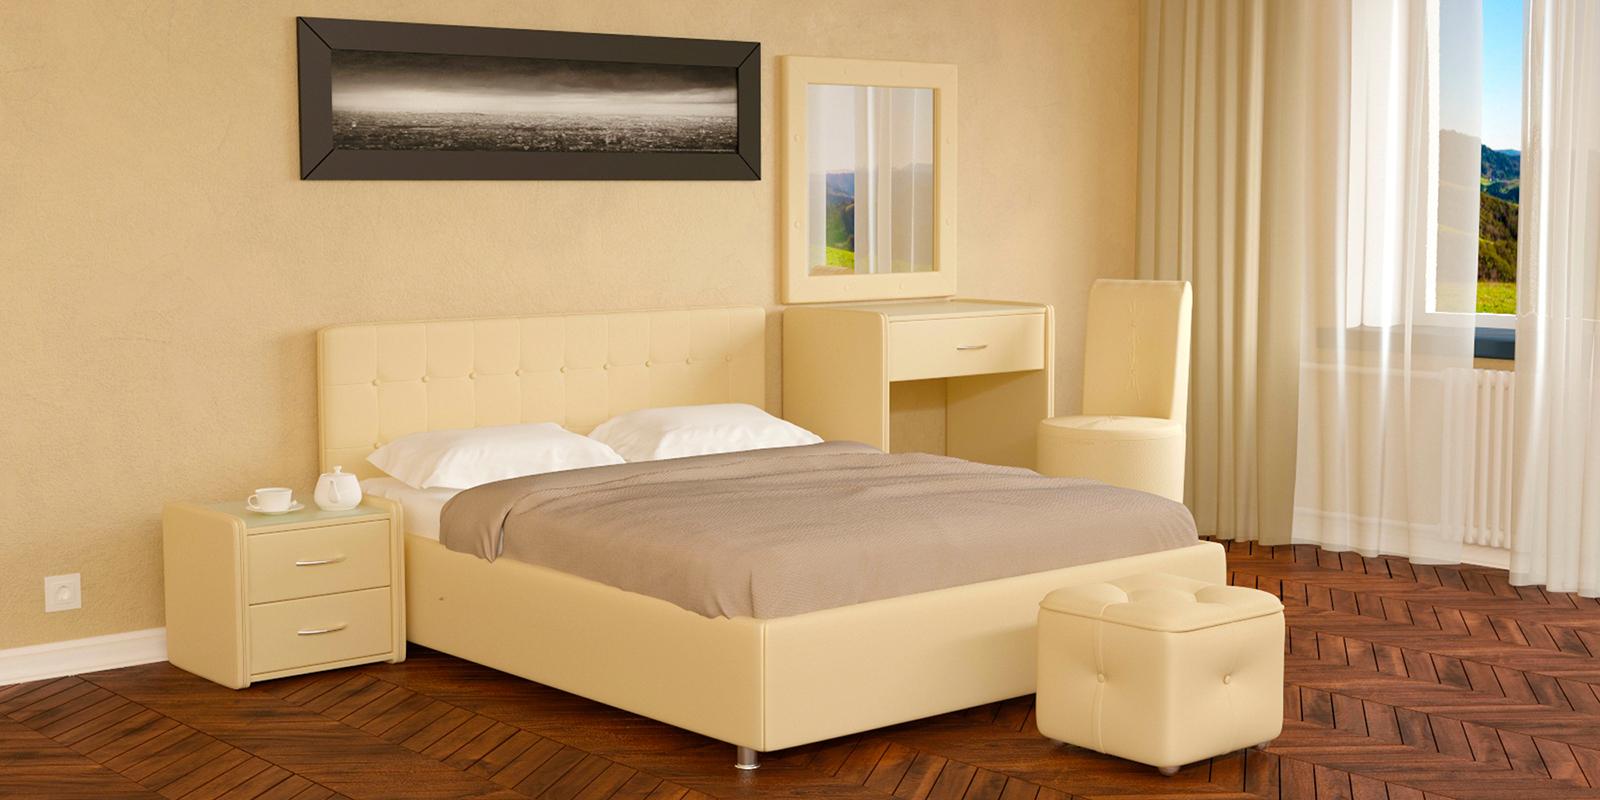 Купить Мягкая кровать 200х160 Малибу вариант №5 с ортопедическим основанием (Бежевый), HomeMe